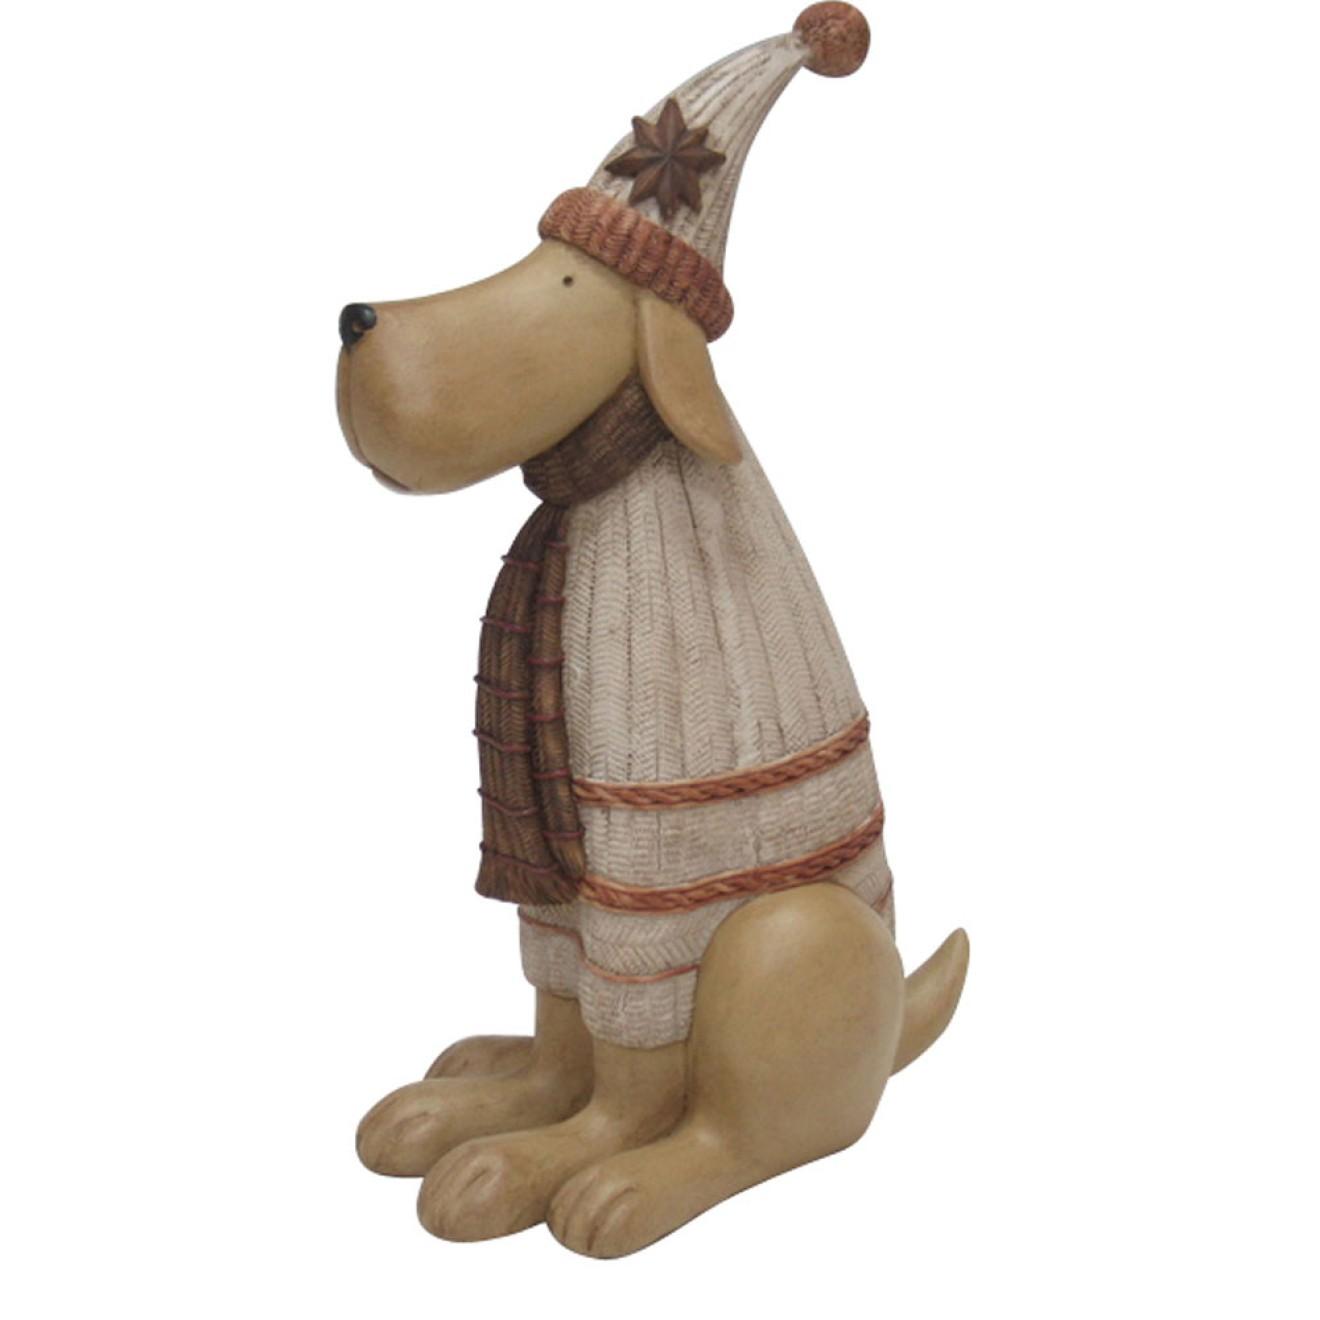 Weihnachtsdeko Hund.Weihnachtsdeko Hund Mit Pudelmütze 30 Cm